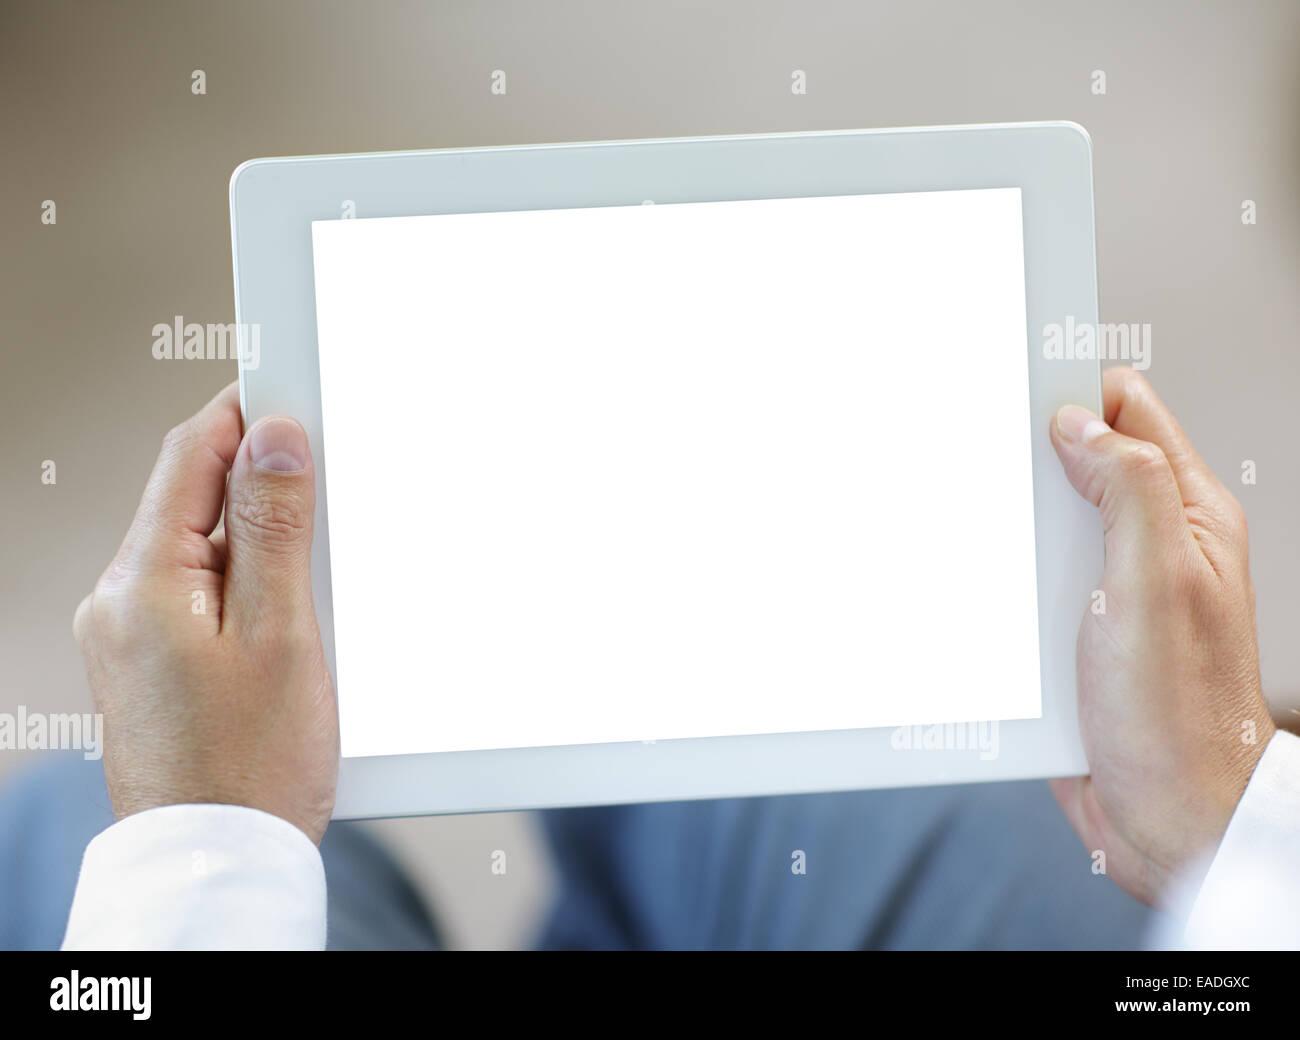 Tablette numérique avec écran vide Photo Stock